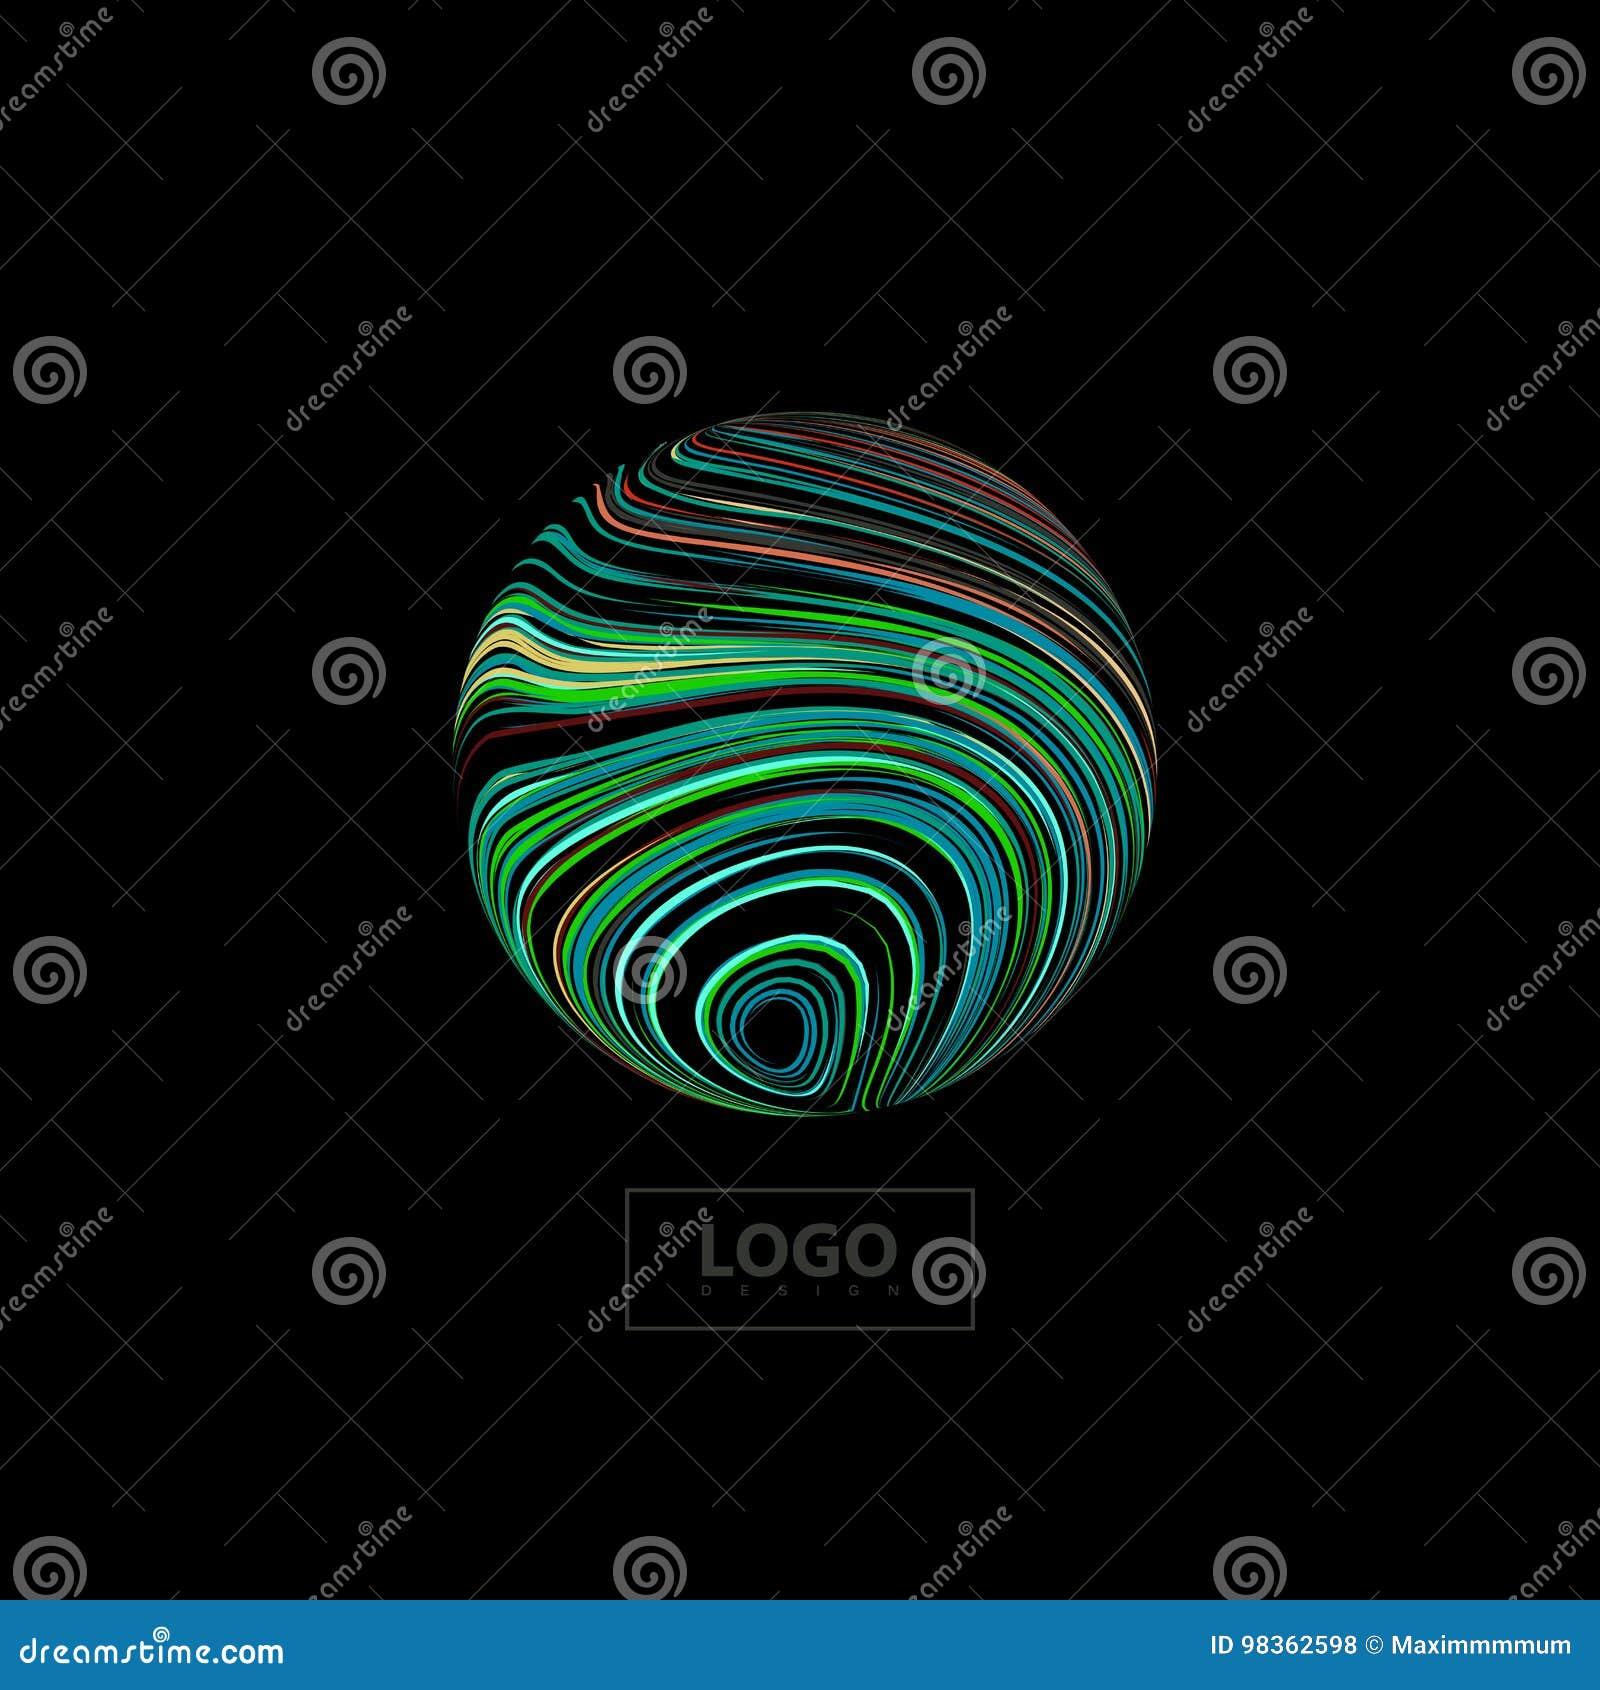 Esfera 3D abstrata textured com linhas coloridas rodadas